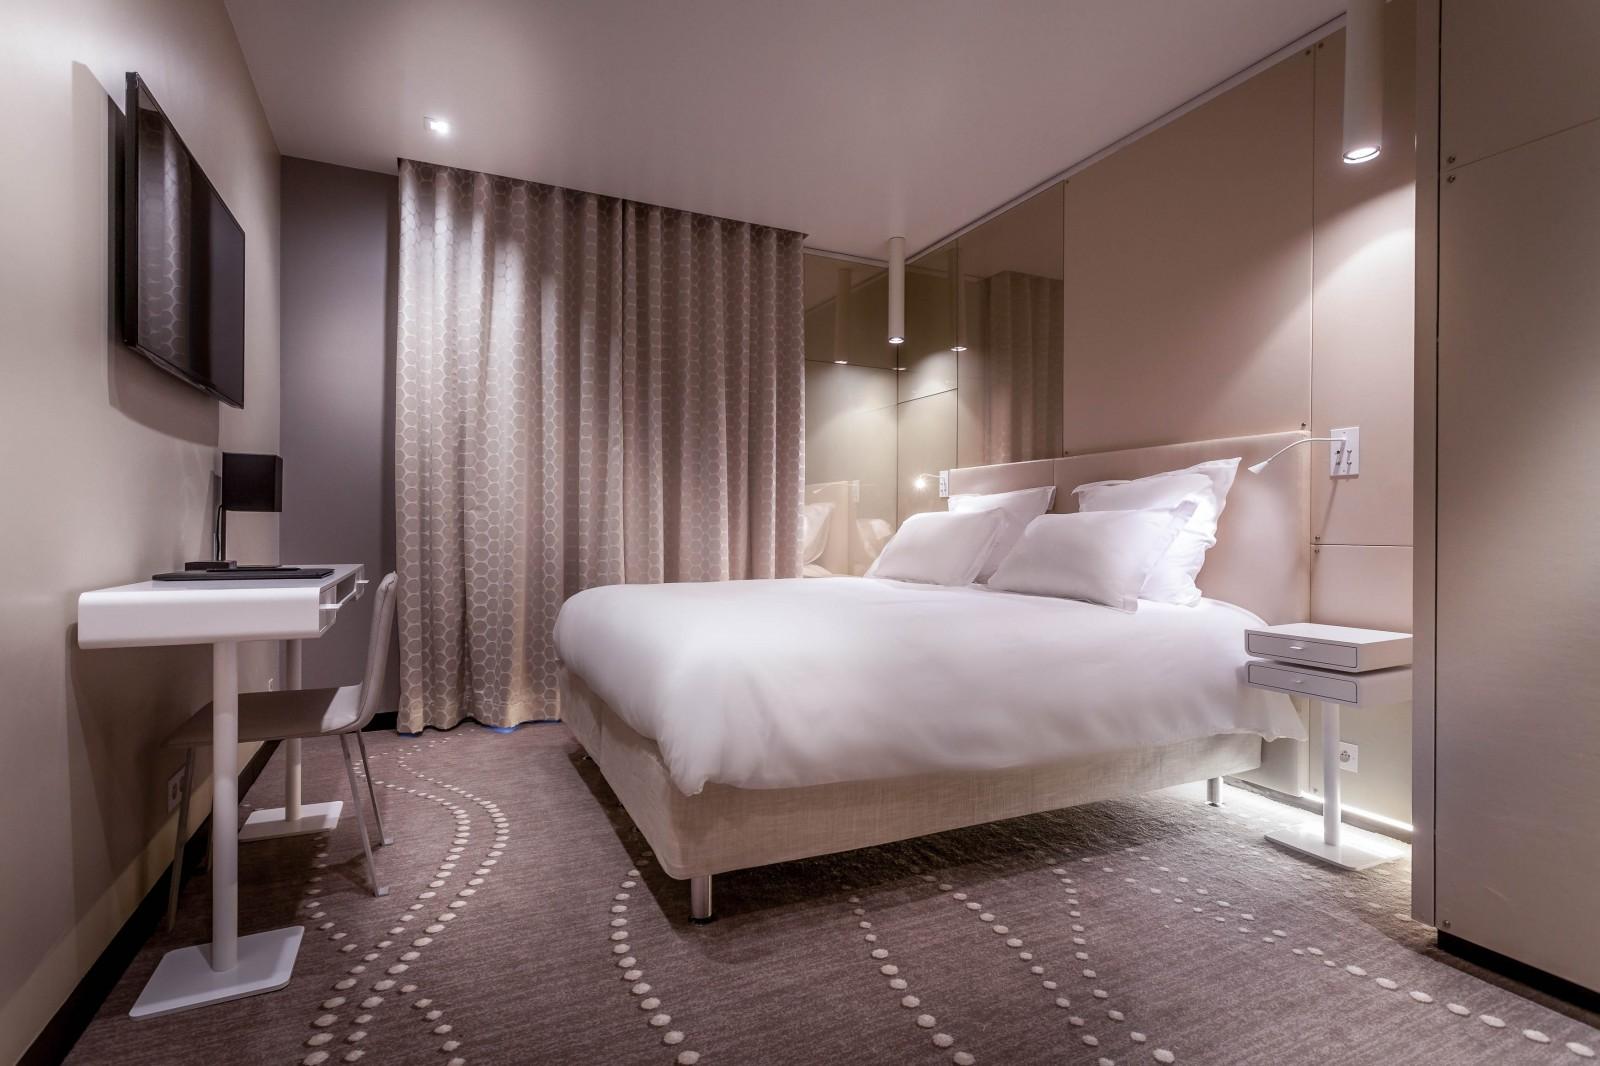 Rideau design chambre design rideaux pour chambre d for Rideau pour chambre a coucher